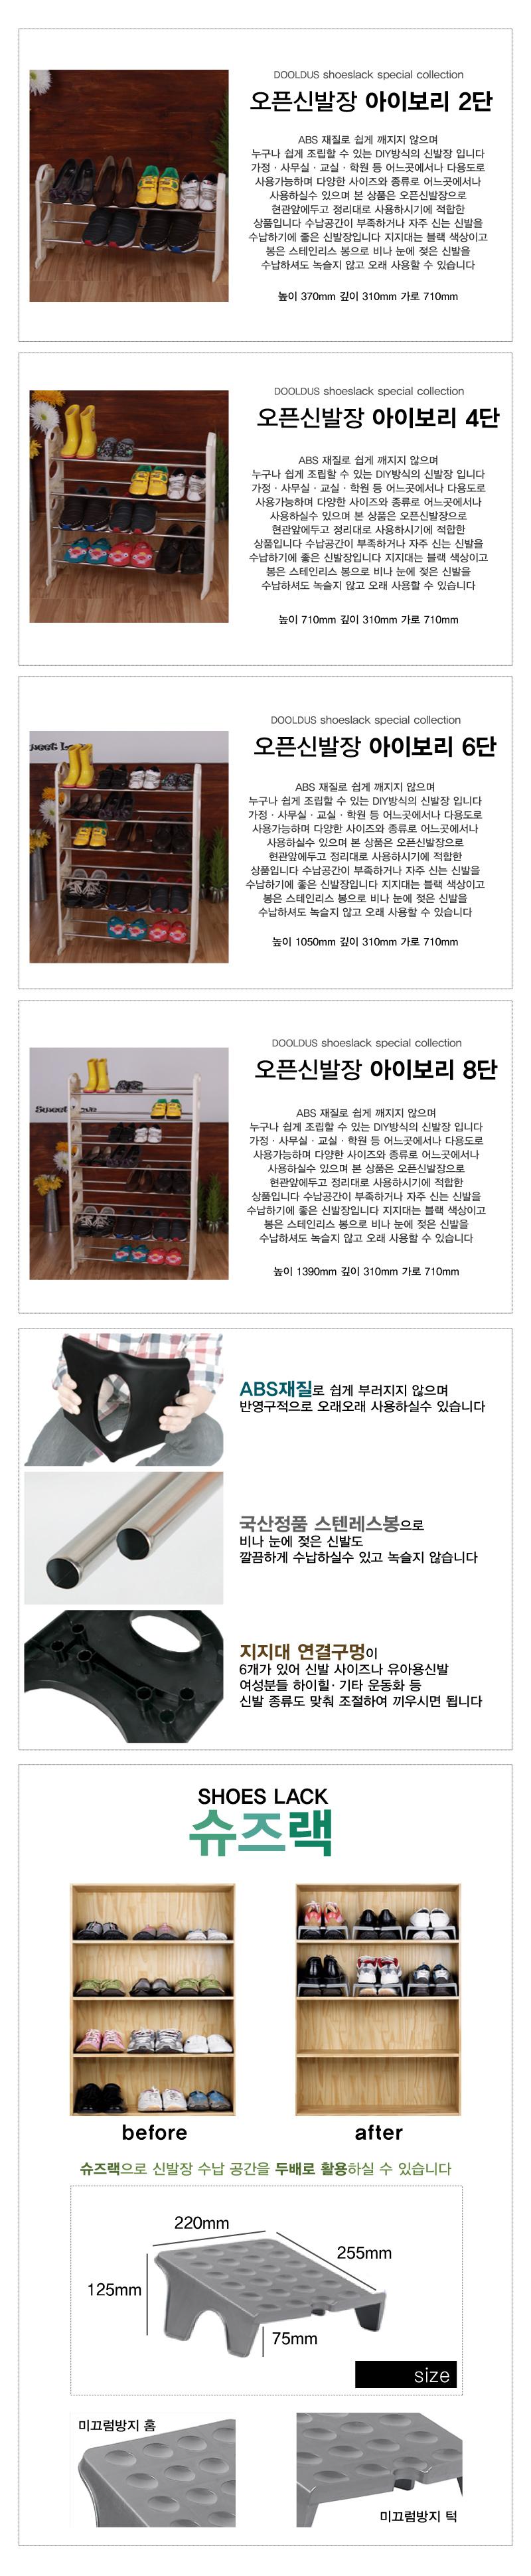 신발장,신발정리대,신발보관,신발수납,LG